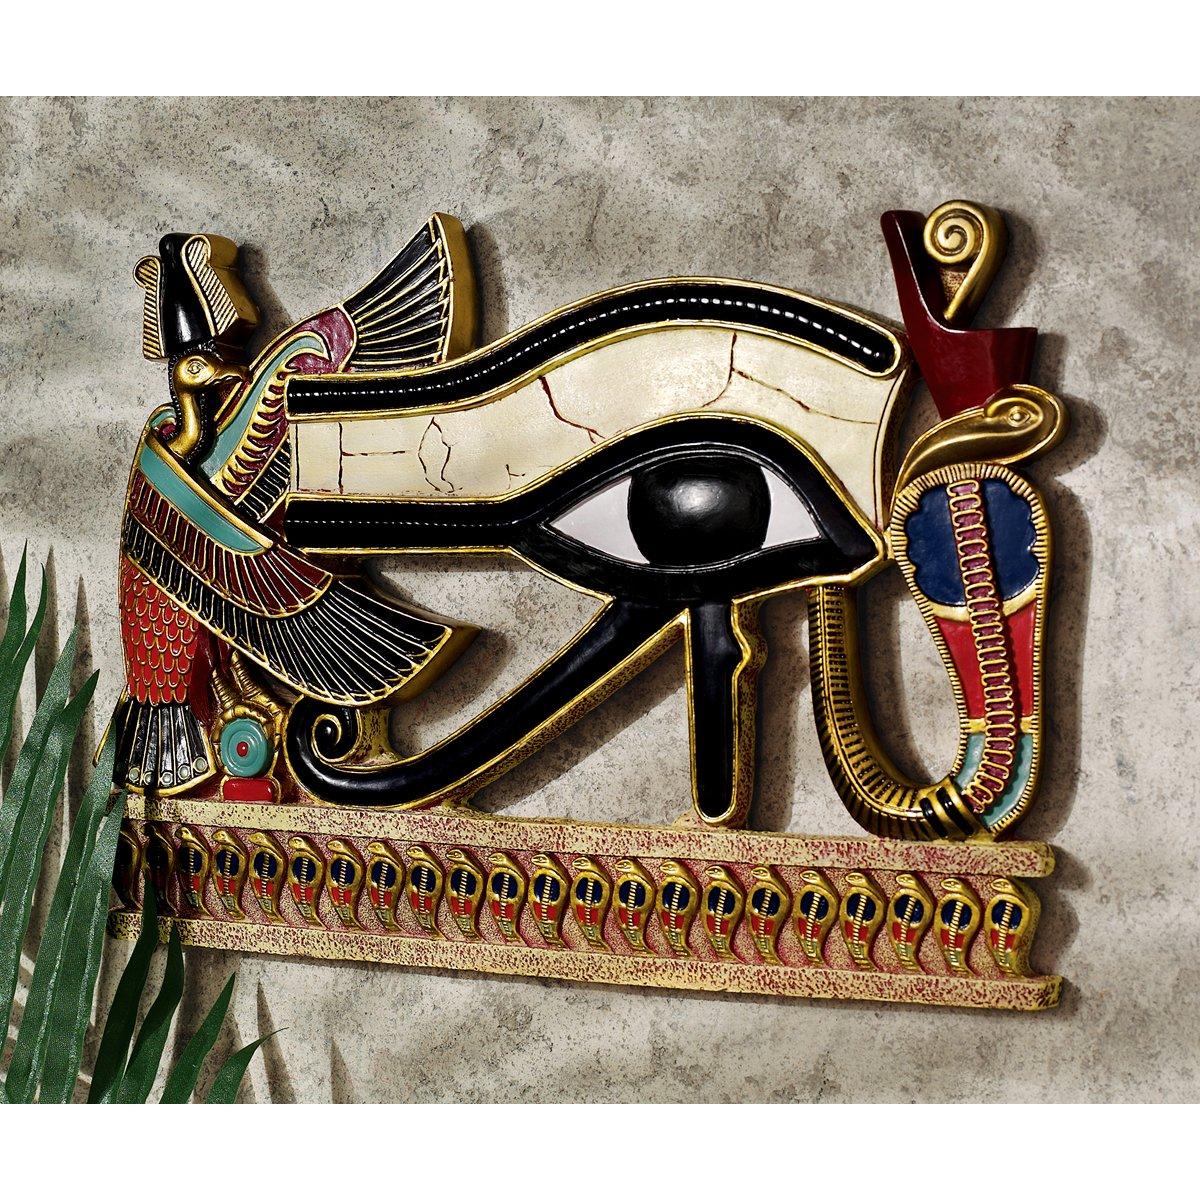 Full Color QL124212 Polyresin Design Toscano Egypitan Decor Eye of Horus Wall Sculpture Plaque 12 Inch